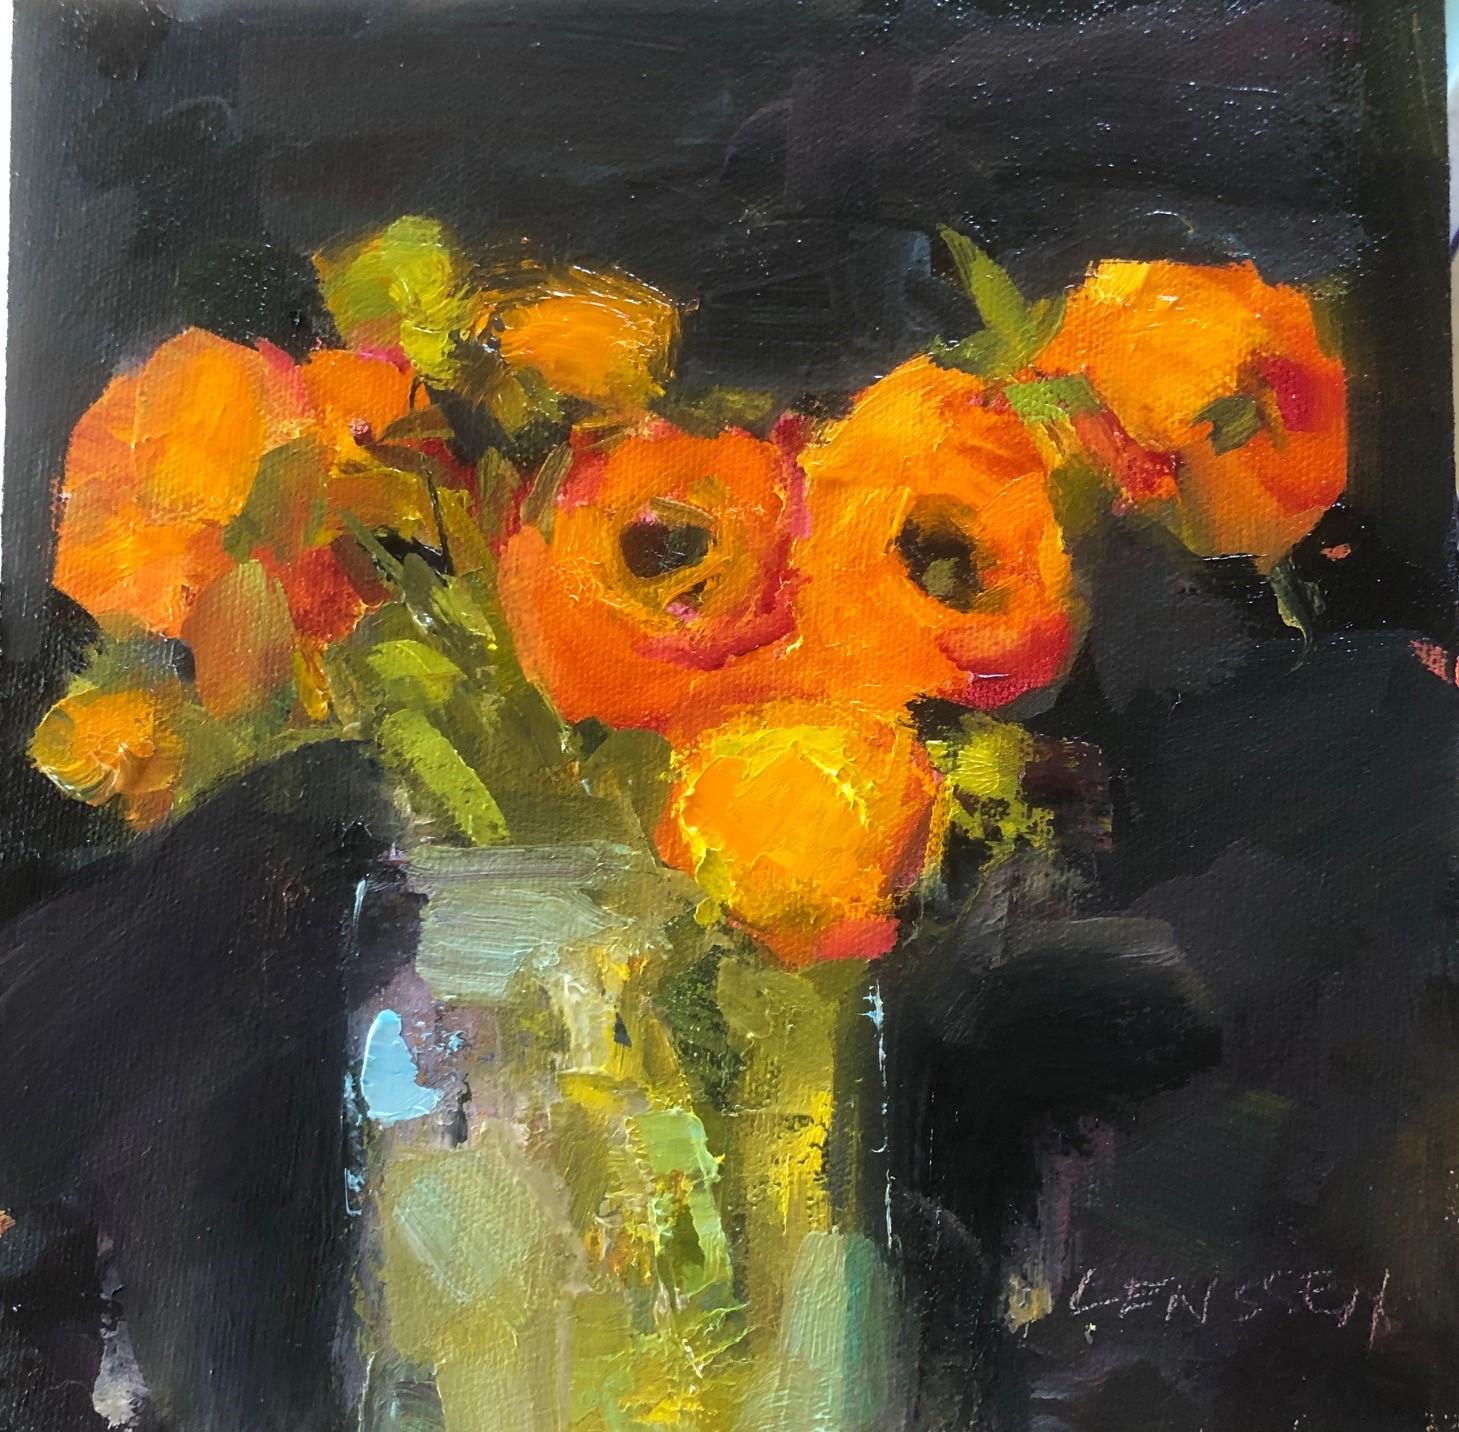 Georganna Lenssen Painterly Still Life 4.21